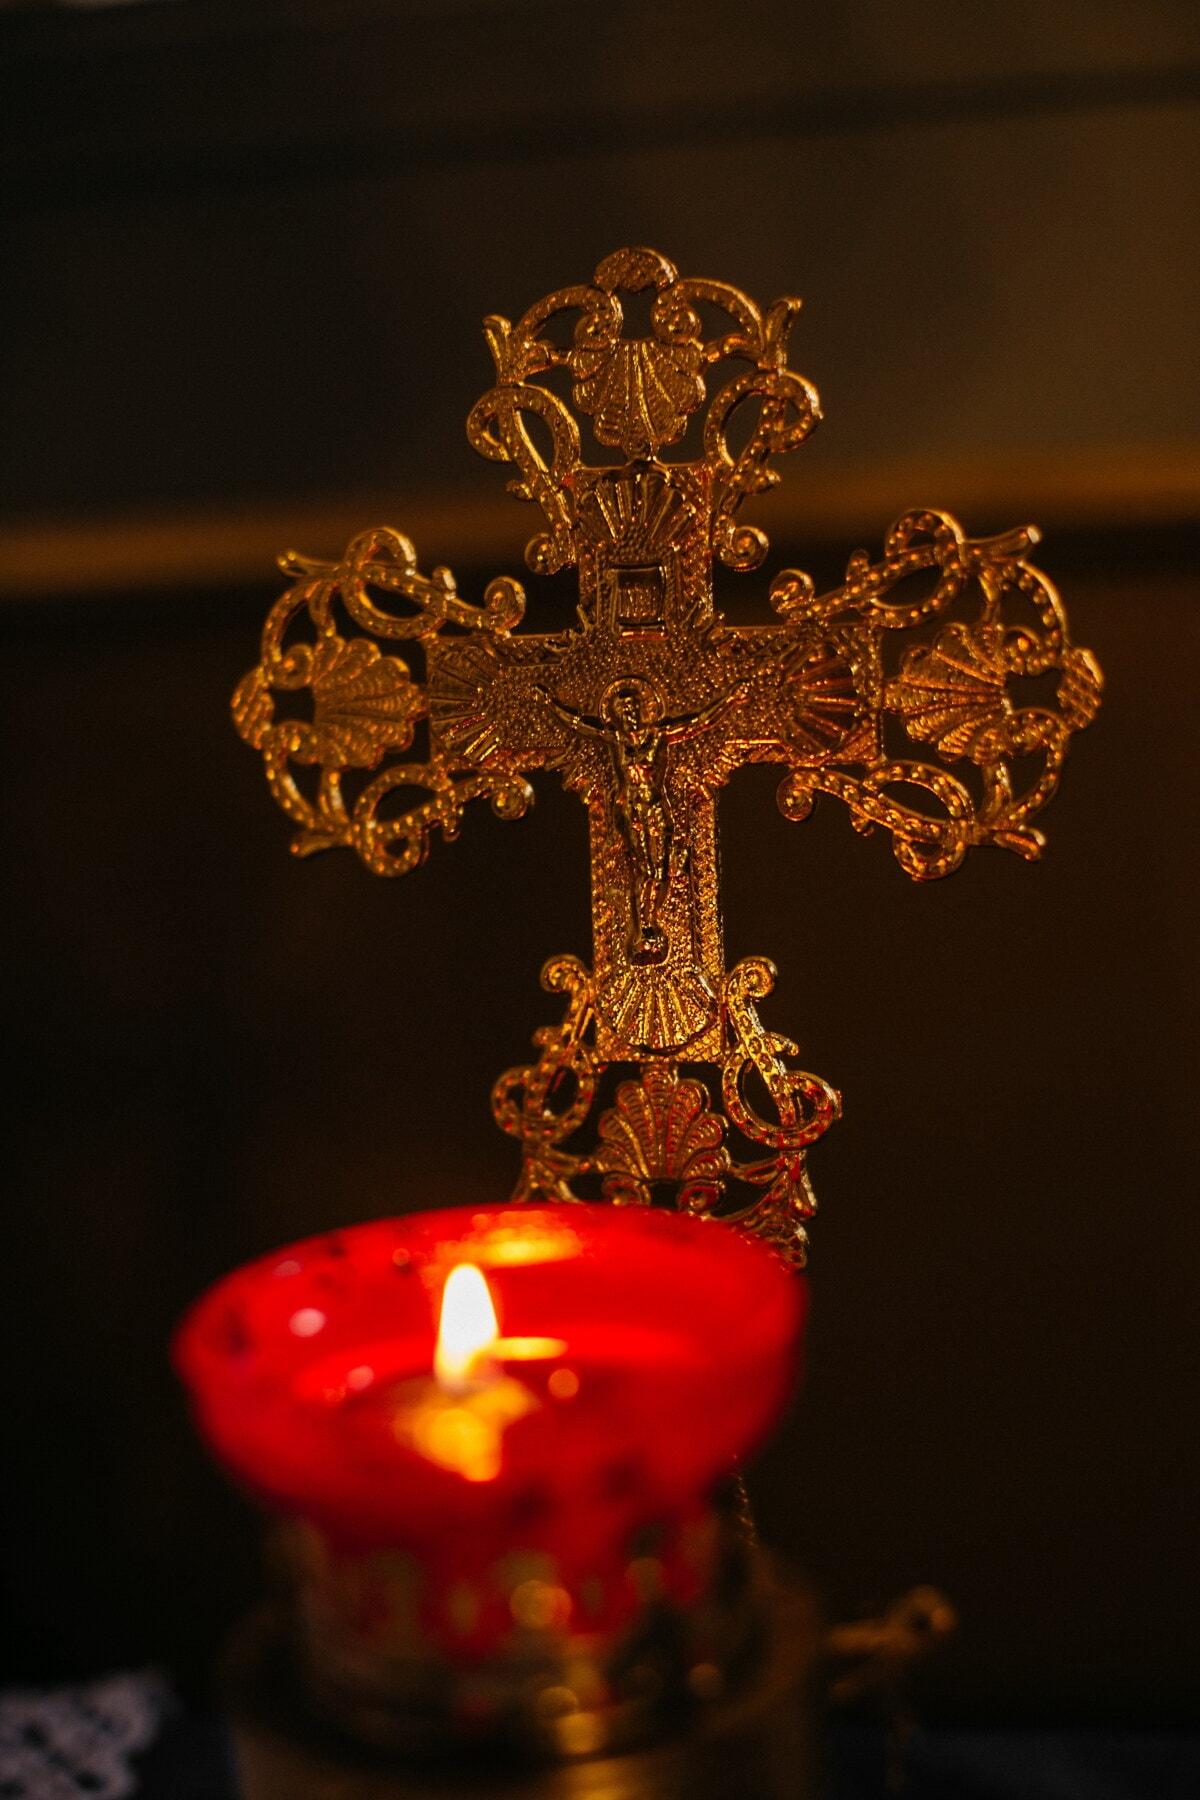 aux chandelles, bougie, Croix, religion, Christianisme, ténèbres, or, ombre, flamme, art